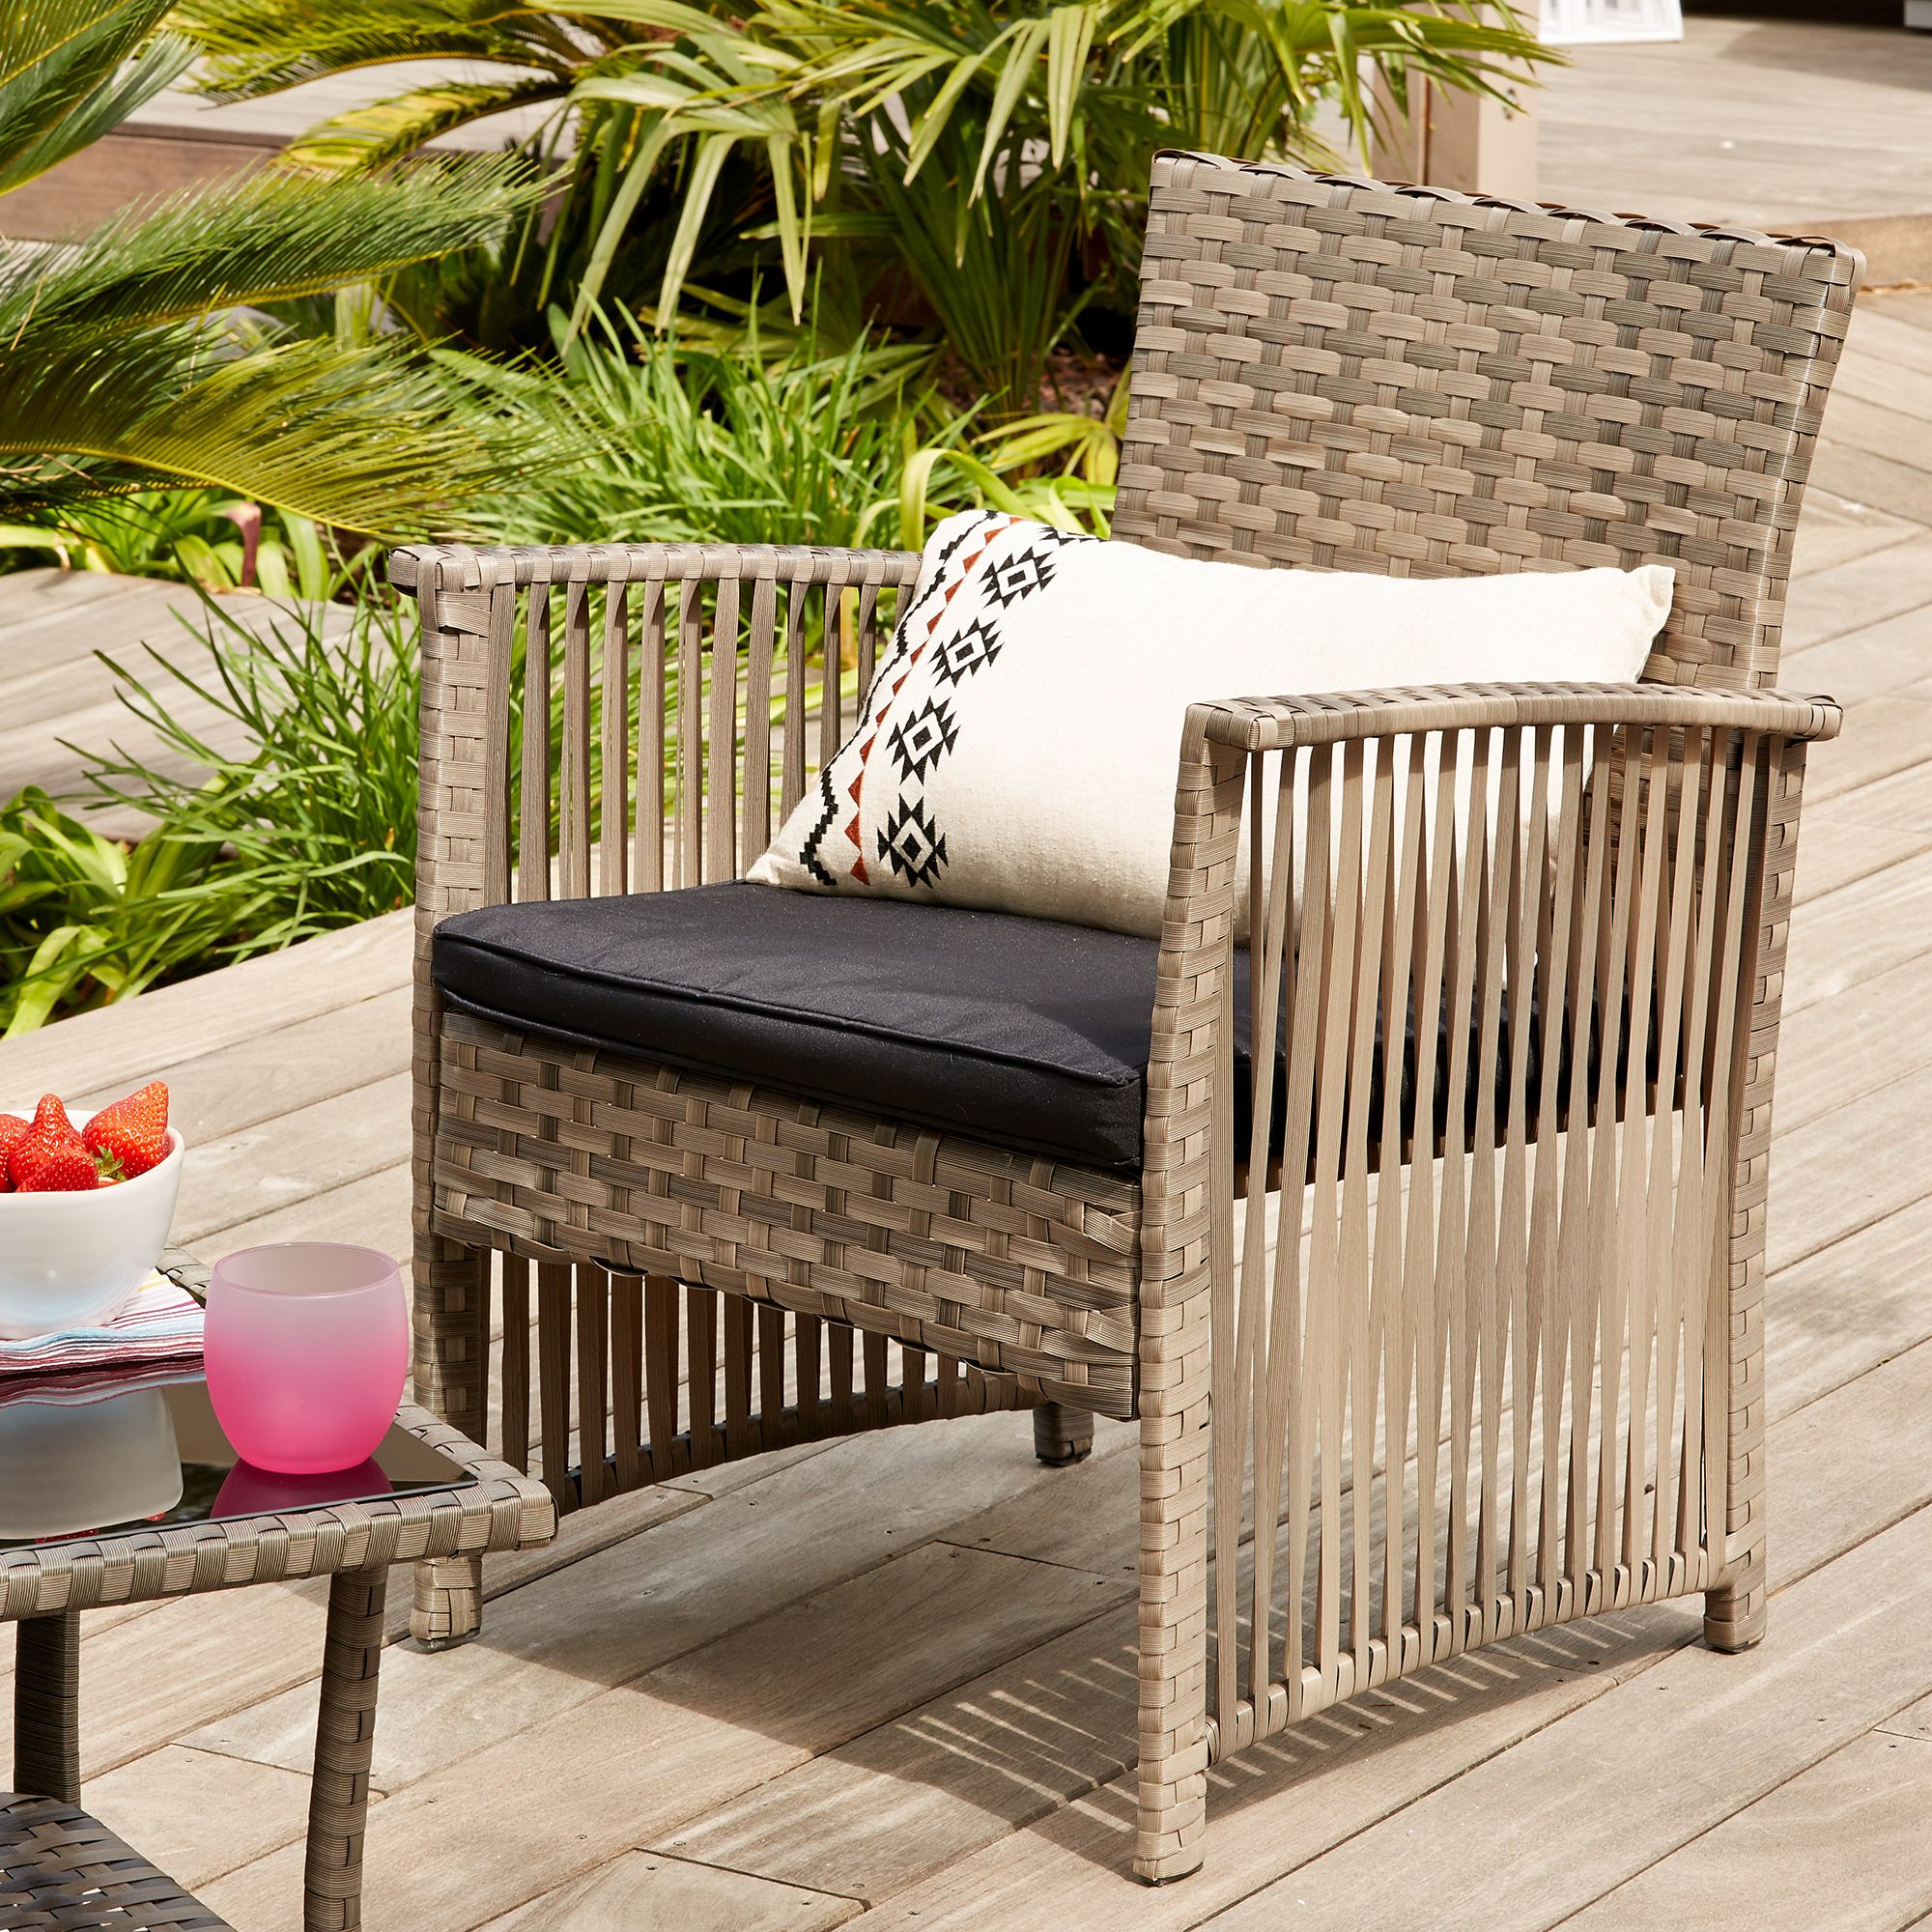 Fauteuil de jardin alin a mobilier de salon meuble Alinea jardin mobilier